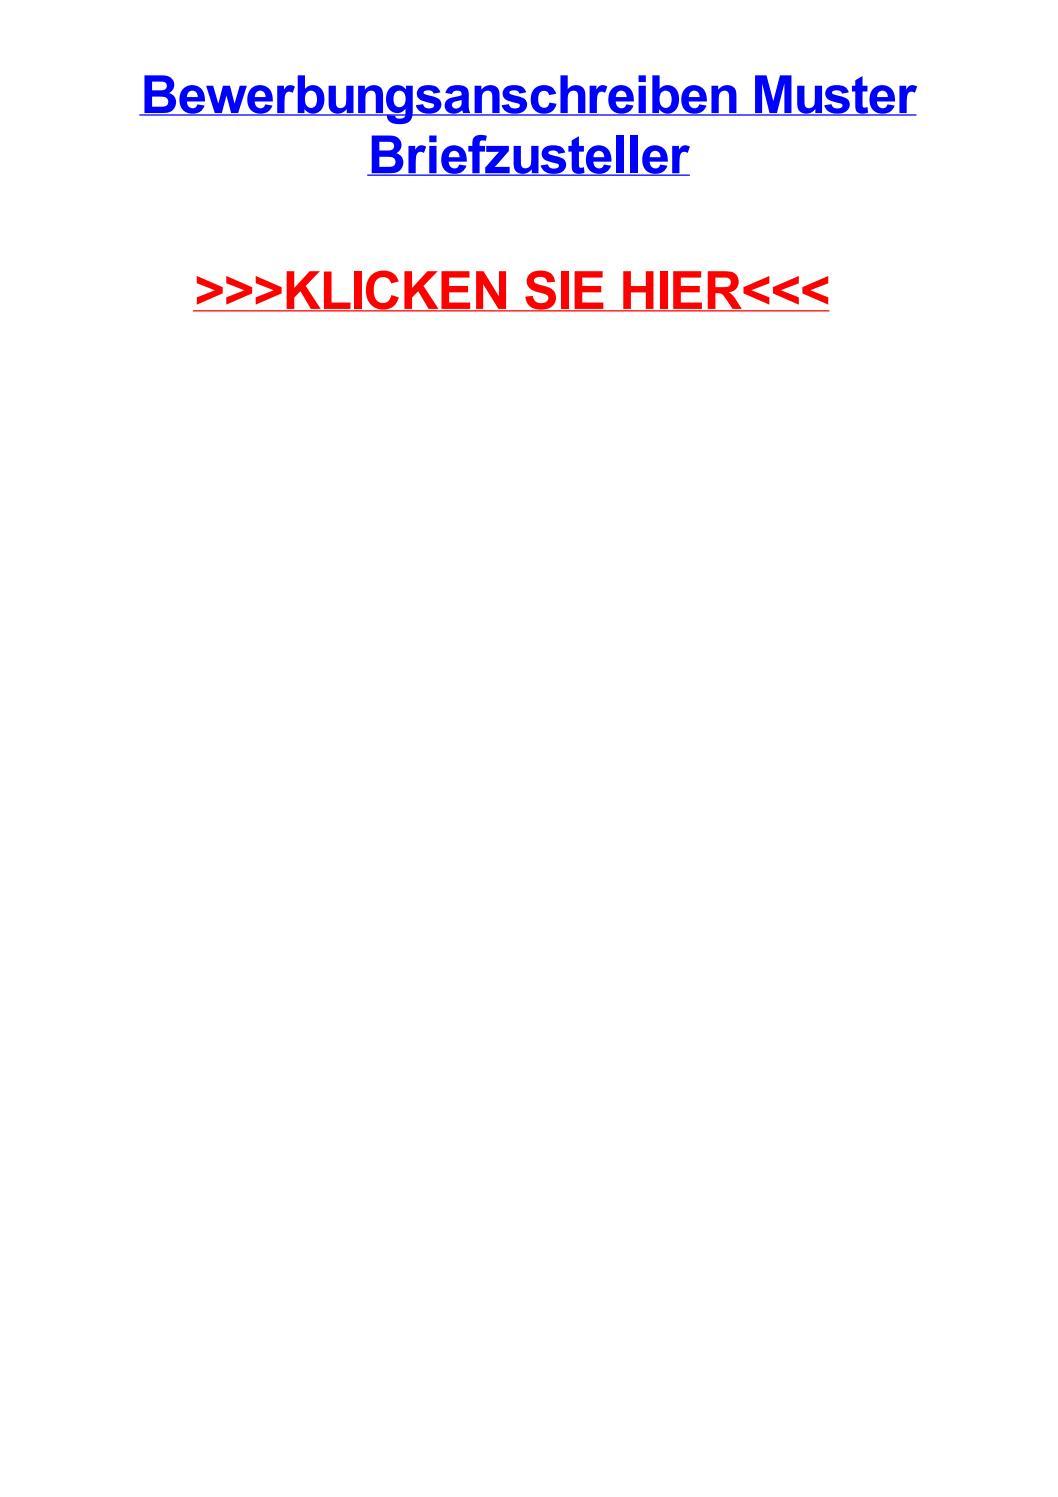 Bewerbungsanschreiben muster briefzusteller by robertvric - issuu